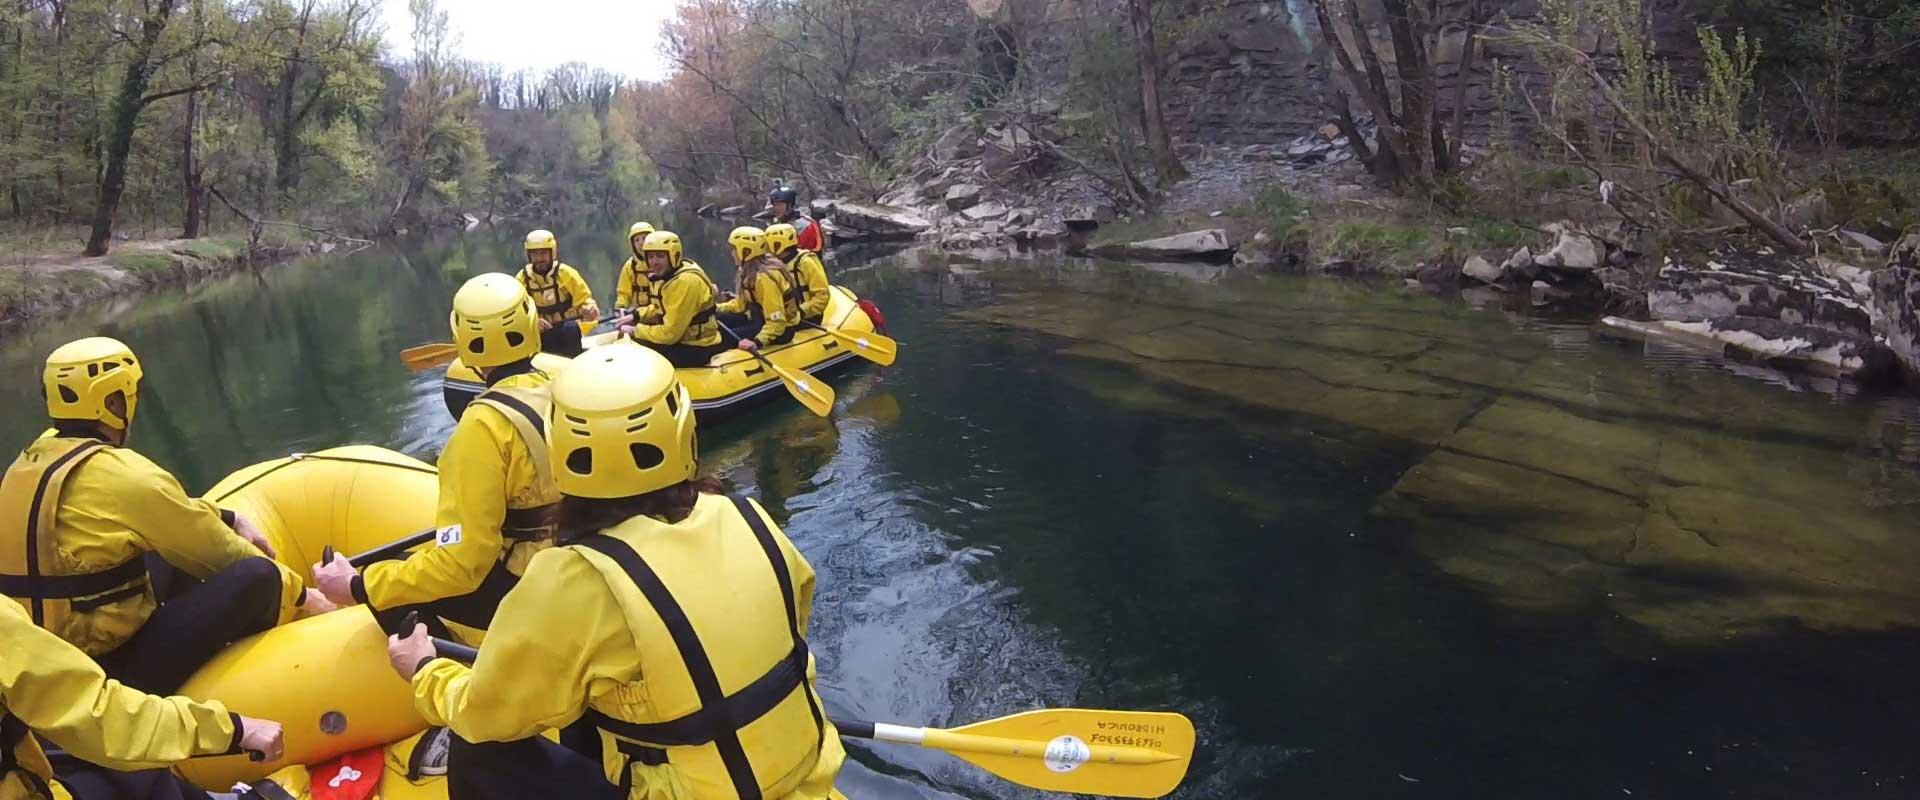 Rafting_casentino